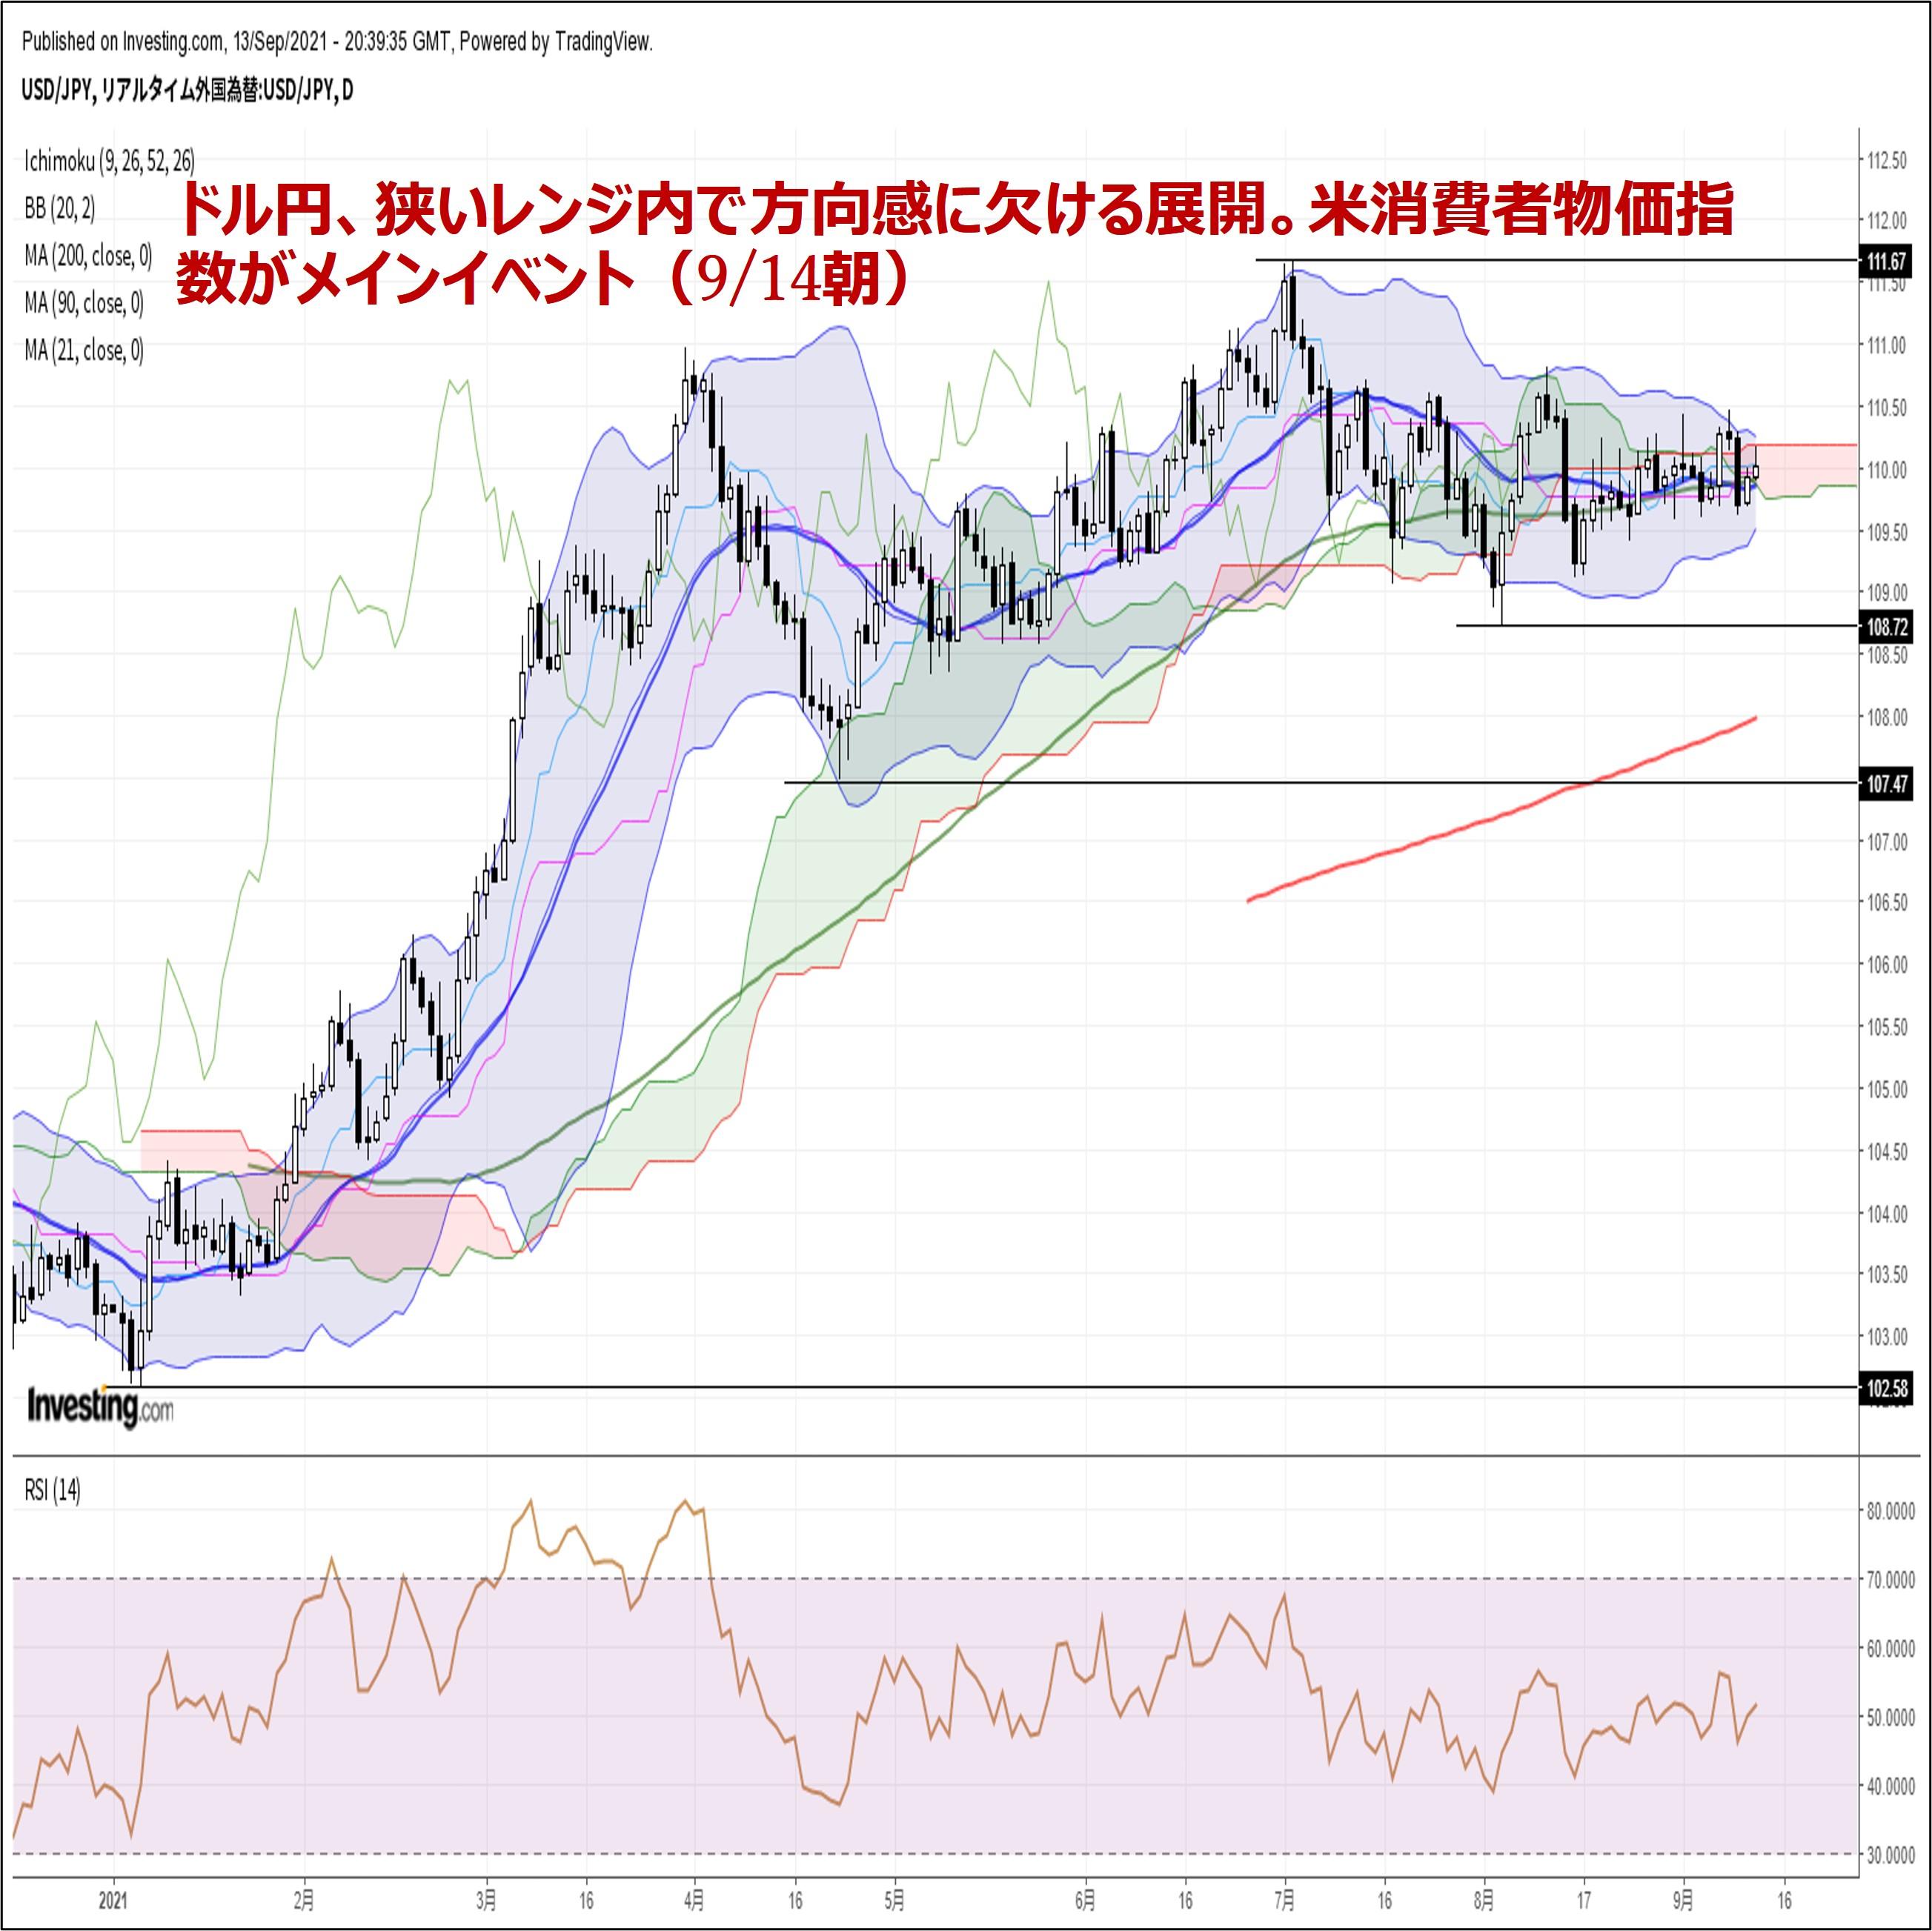 ドル円、狭いレンジ内で方向感に欠ける展開。米消費者物価指数がメインイベント(9/14朝)